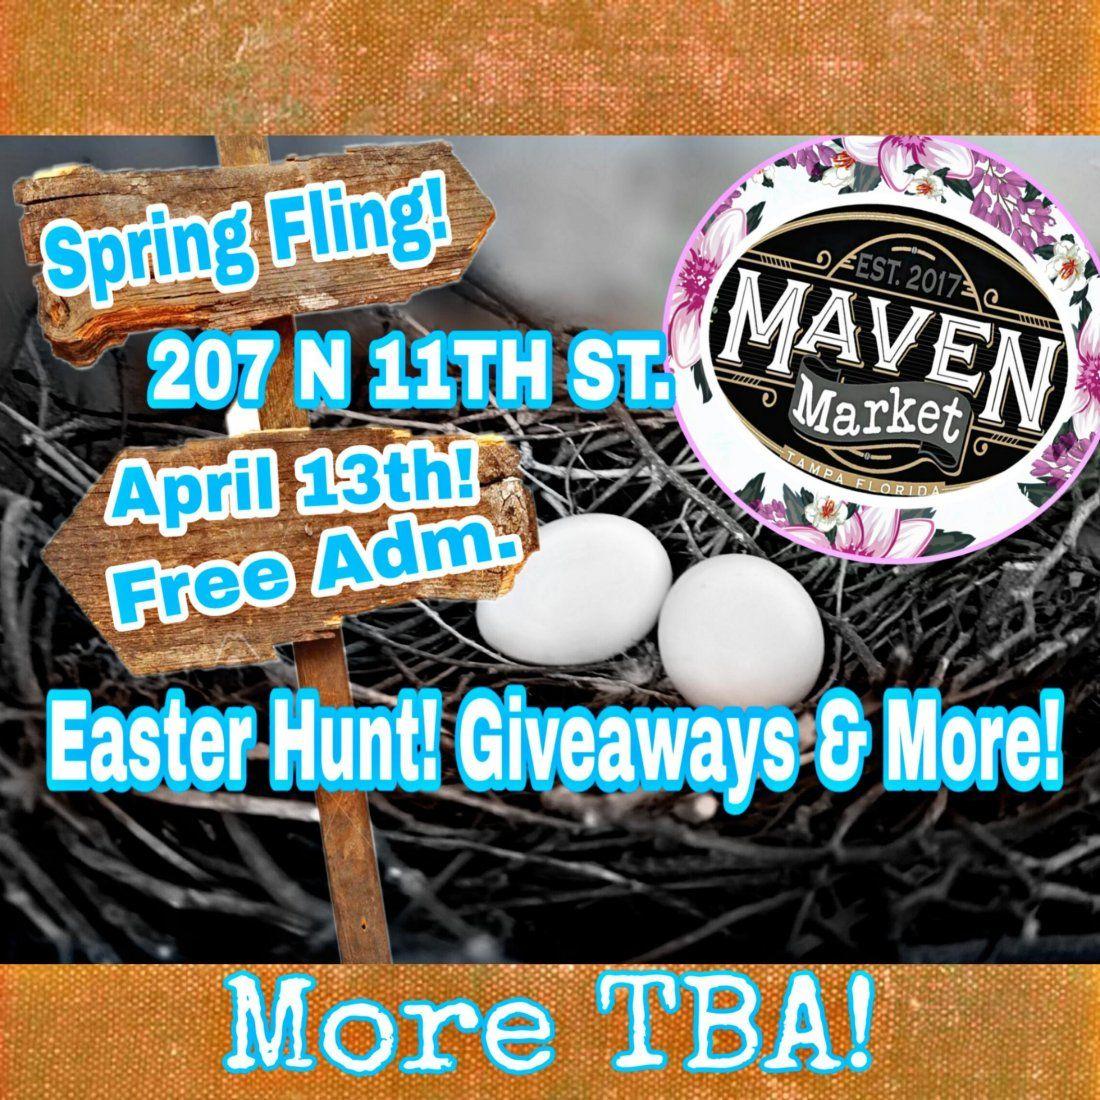 Maven Market Spring Fling marketfest